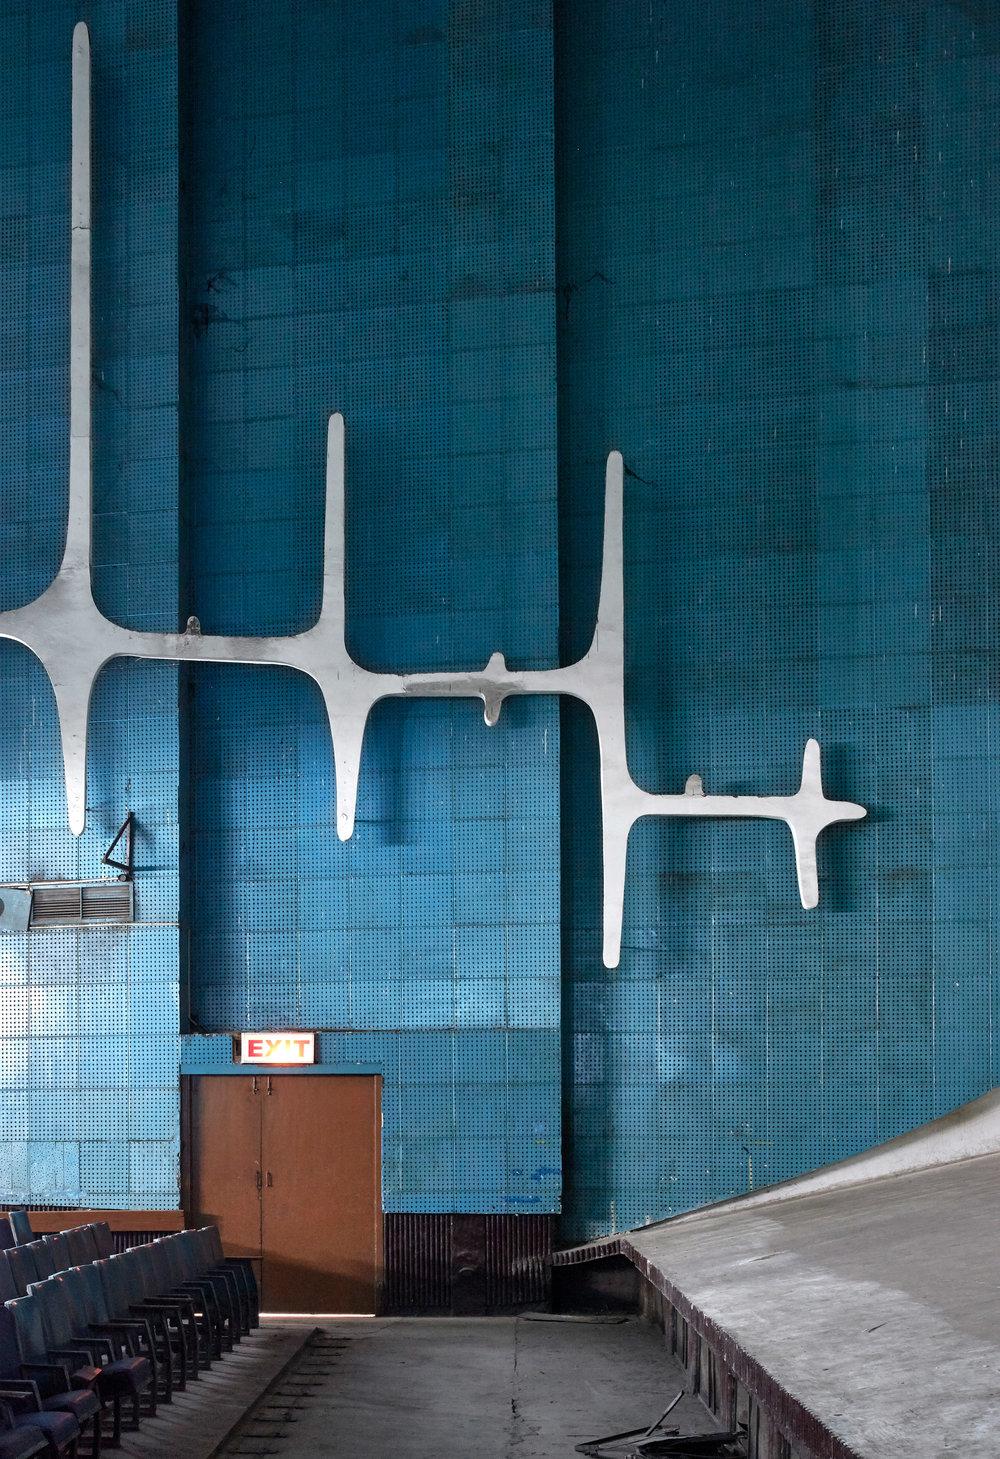 neelam-theatre-aditya-prakash-architecture-photography-edmund-sumner-chandigarh-india-_dezeen_2364_col_9.jpg